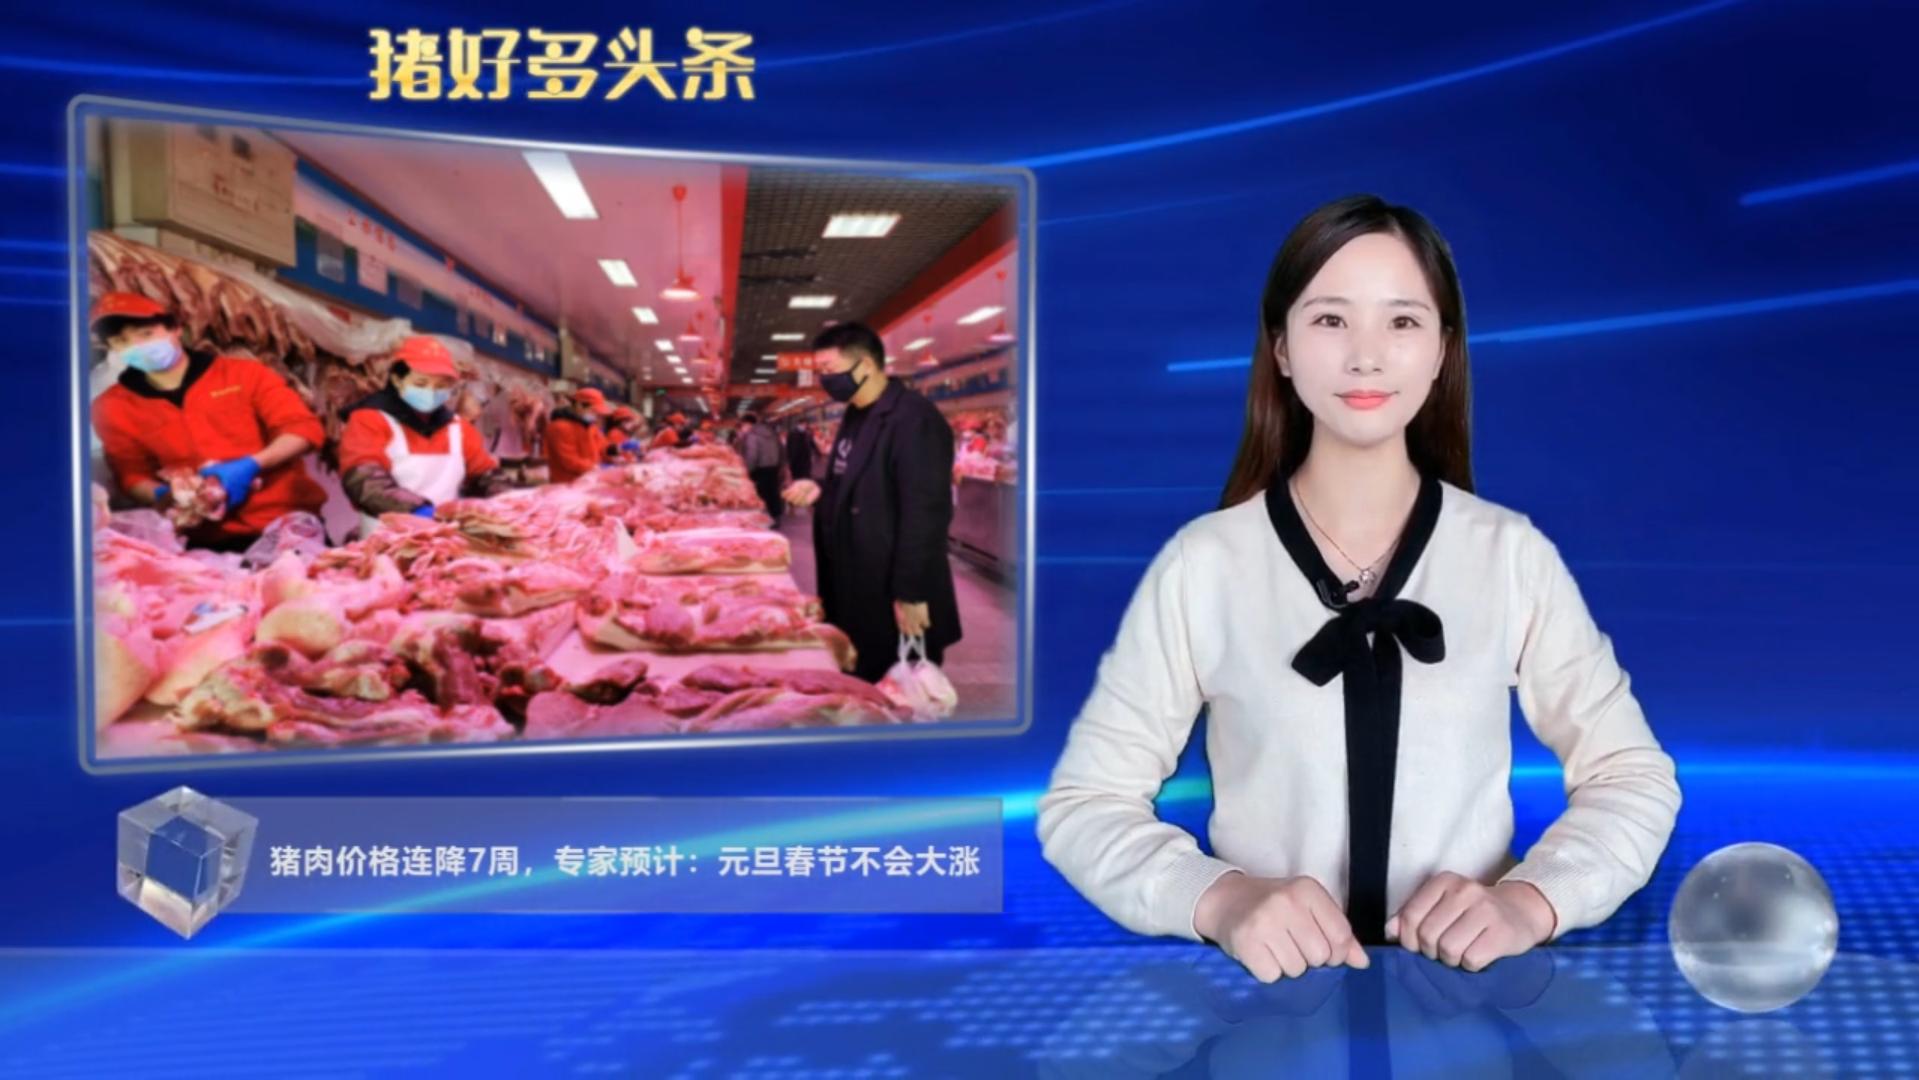 年底猪肉价格会大涨吗?权威回答:能够保障老百姓碗里不缺肉!